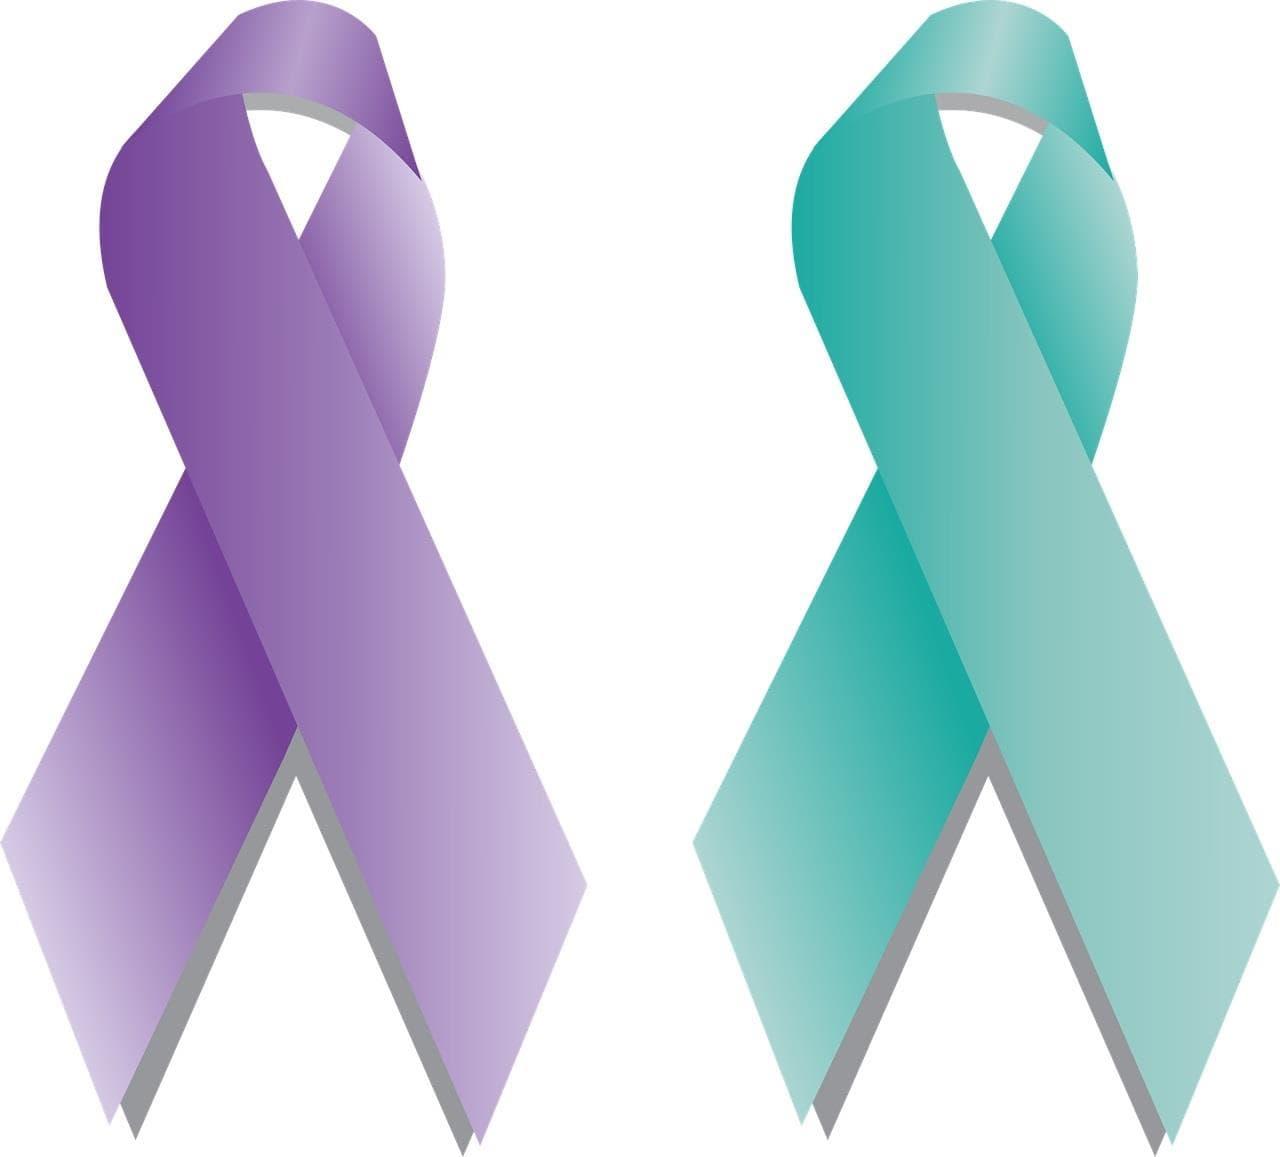 早期緩和ケアクリニック外来の緩和医療専門医(緩和ケア医)大津秀一が解説するWHO子宮頸がんにワクチン・検診だけでなく緩和ケアが必要と声明-min